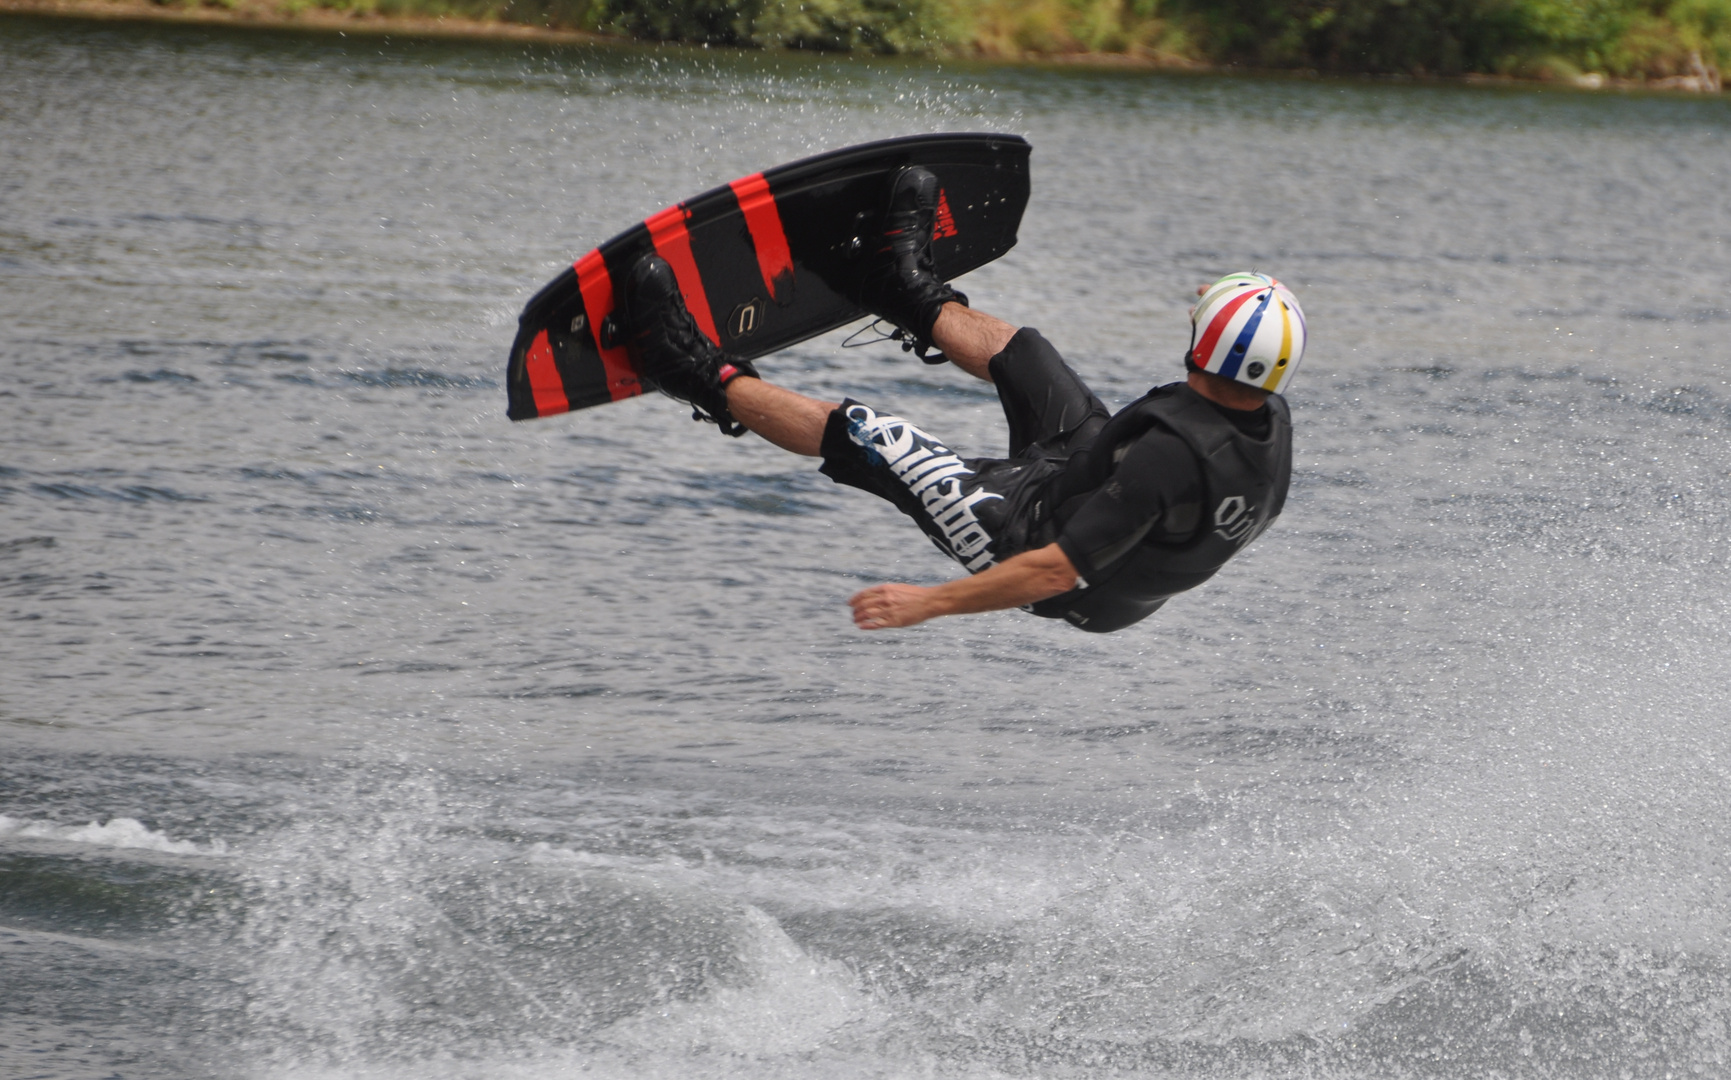 Sommerurlaub 2010 - Wasserski fahren (2)